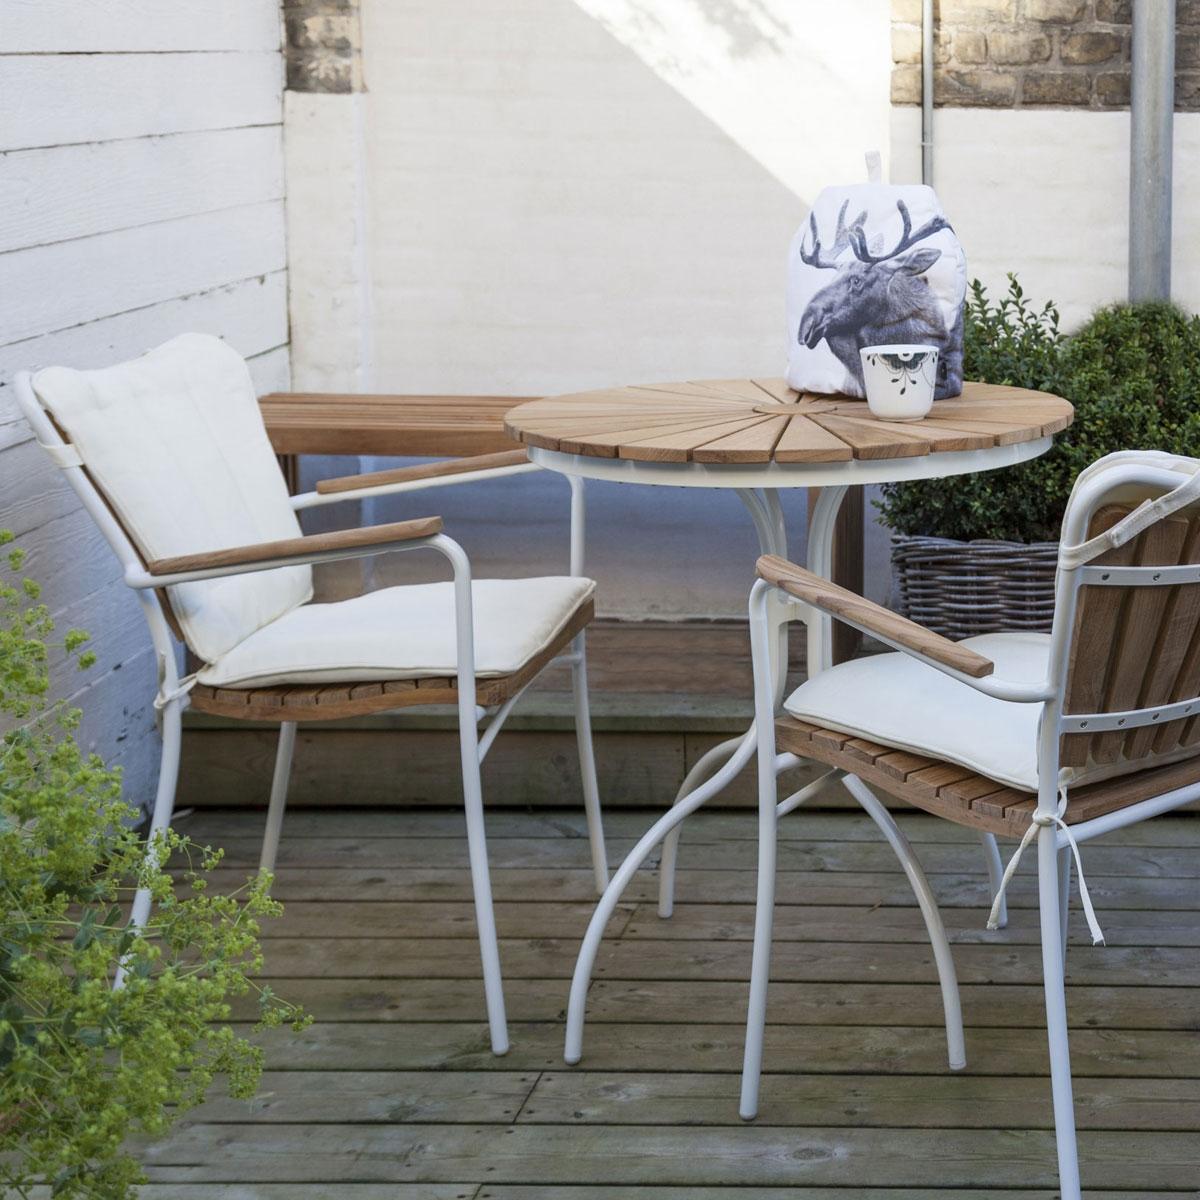 Hard & Ellen havesæt i teaktræ og alu margurit design